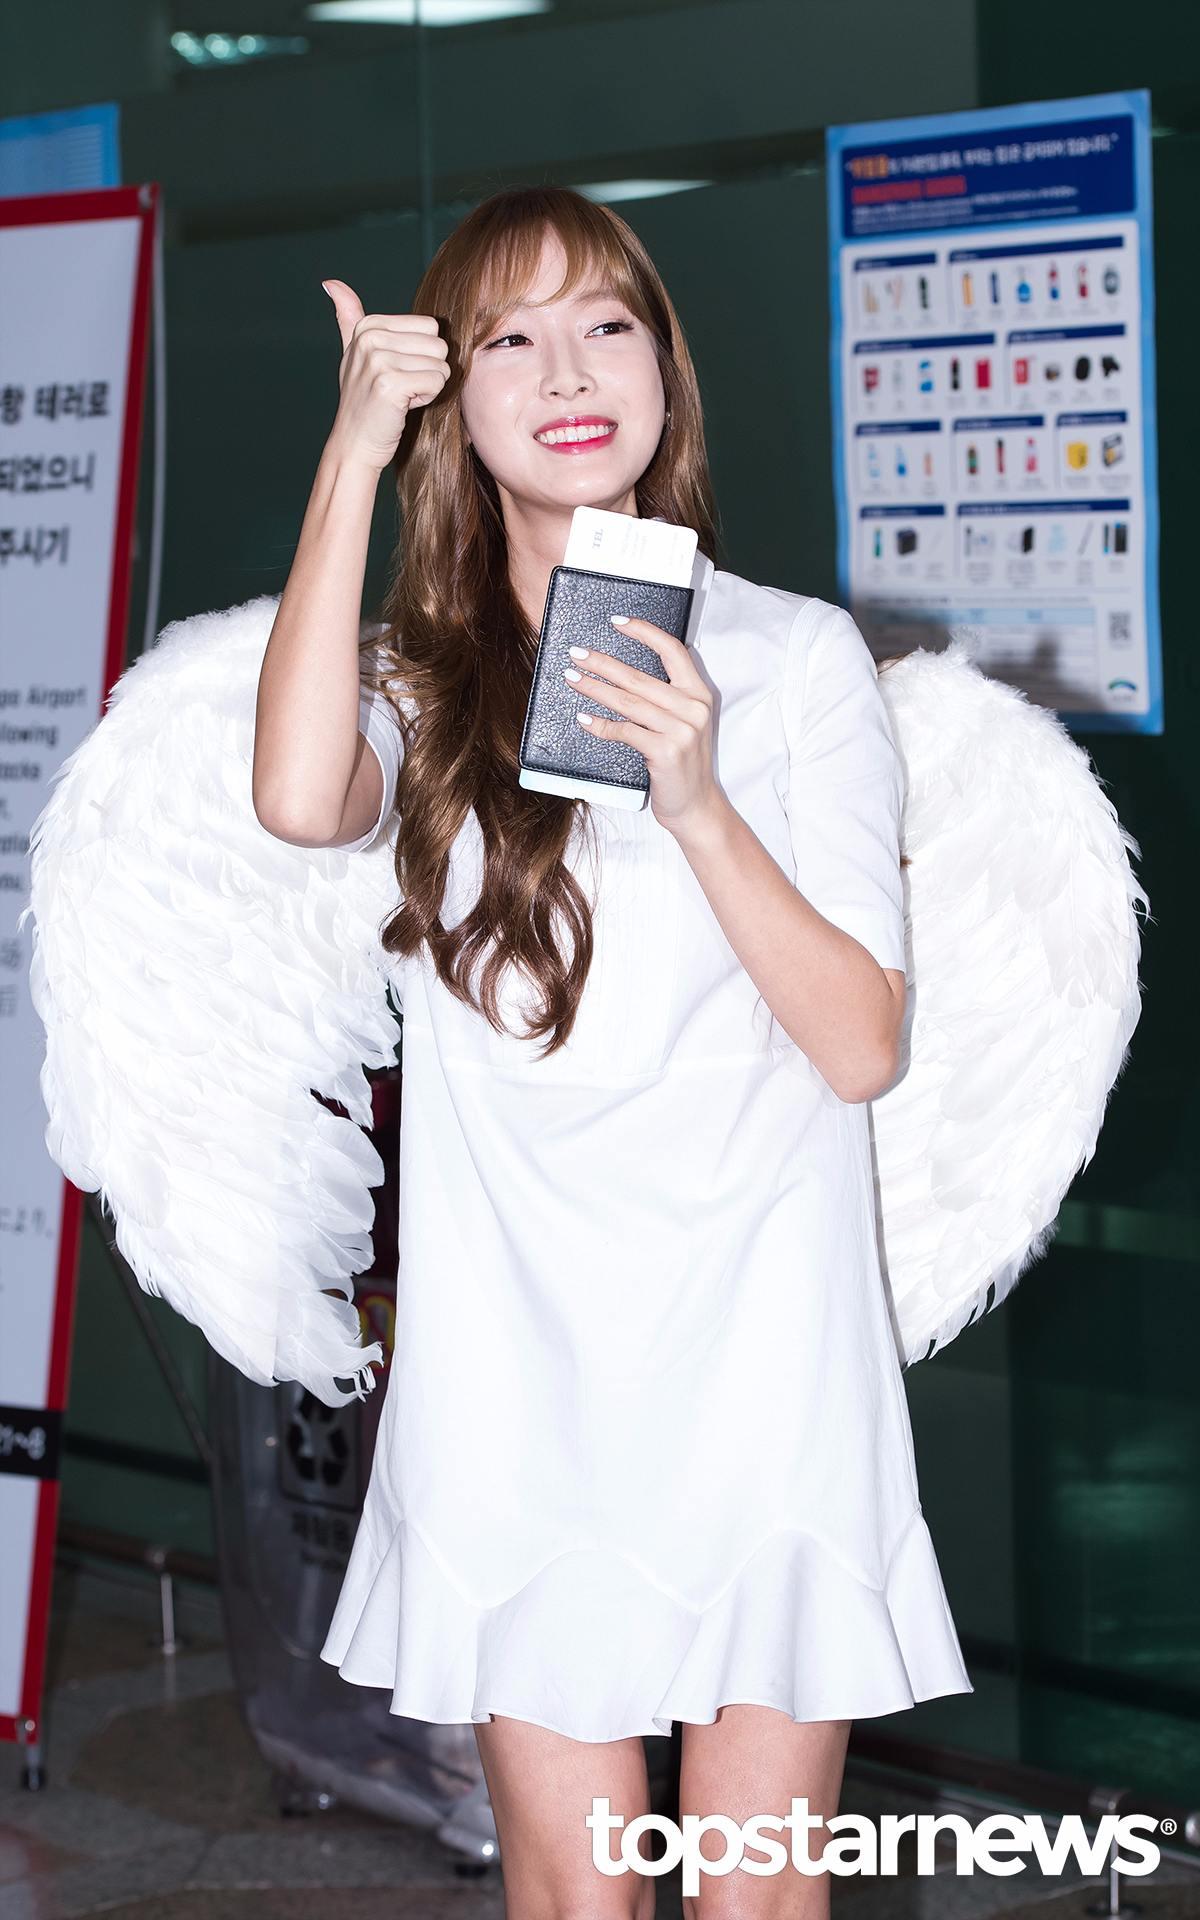 最後希望作為演員的Jessica能和作為歌手一樣棒!